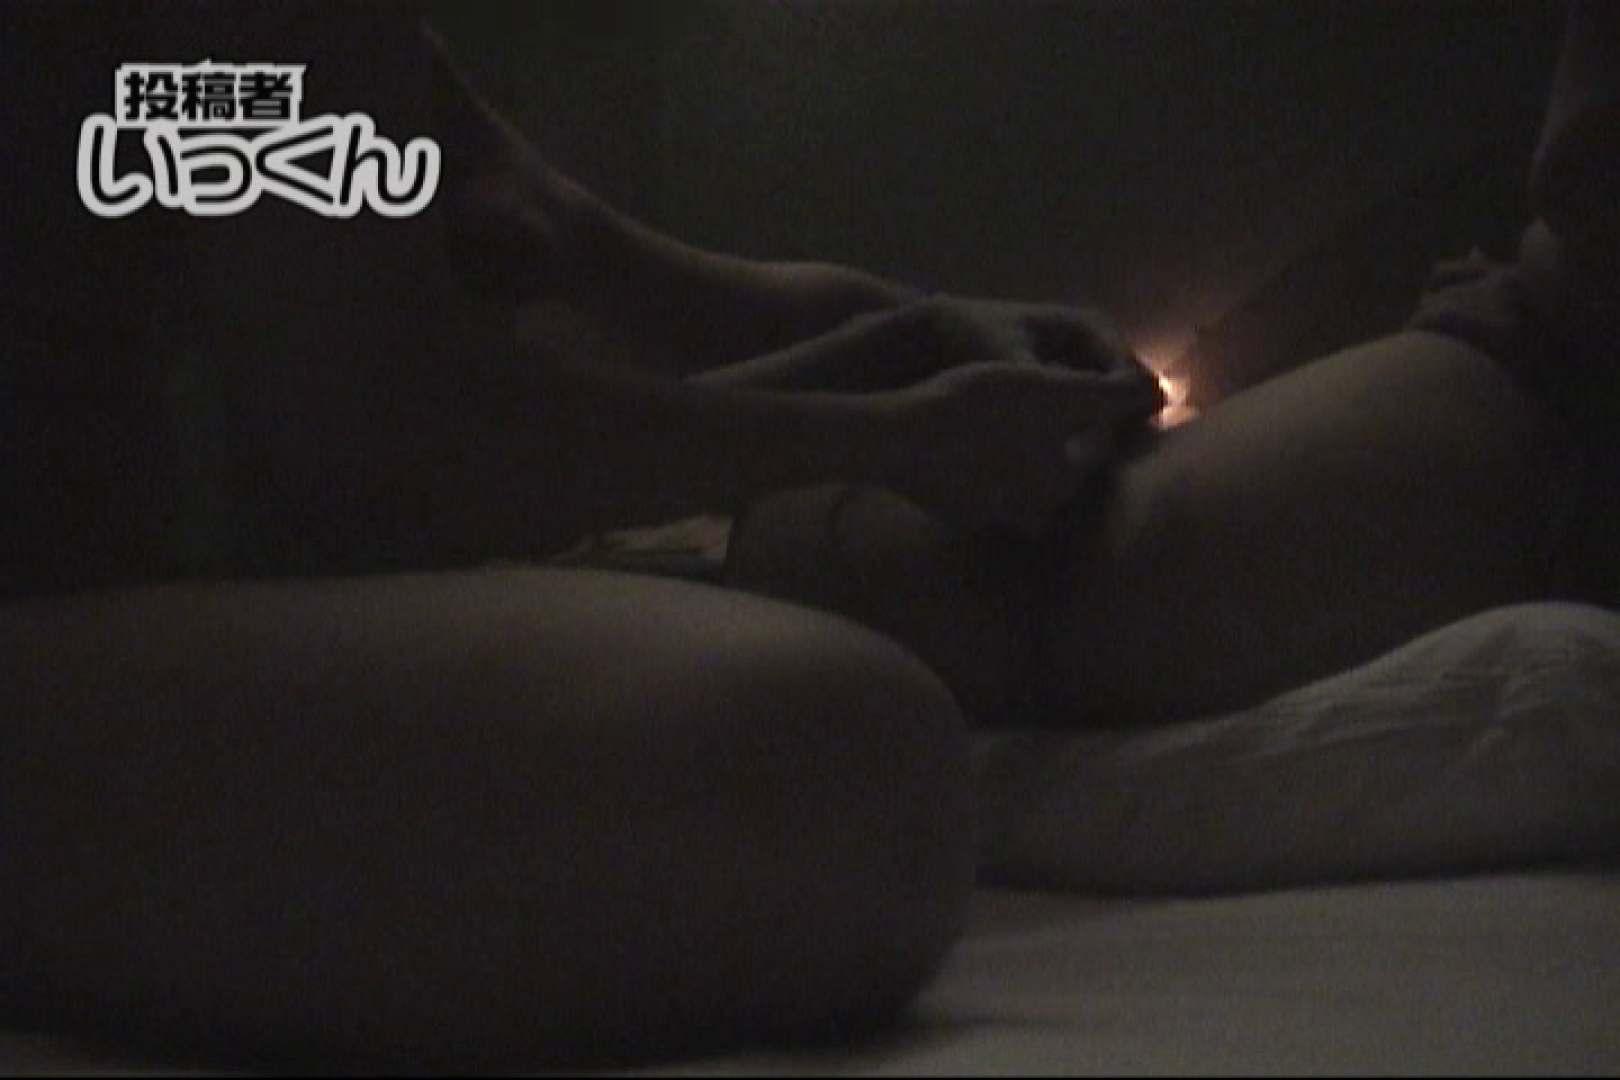 調教師いっくんの 北海道の自衛隊員の彼女24歳えみ 盗撮  112連発 15